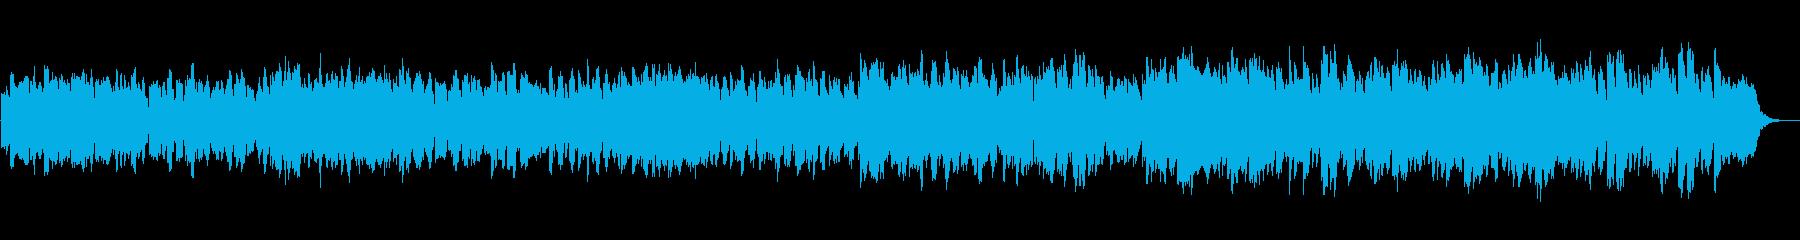 ニュースBGM/検査・統計の再生済みの波形